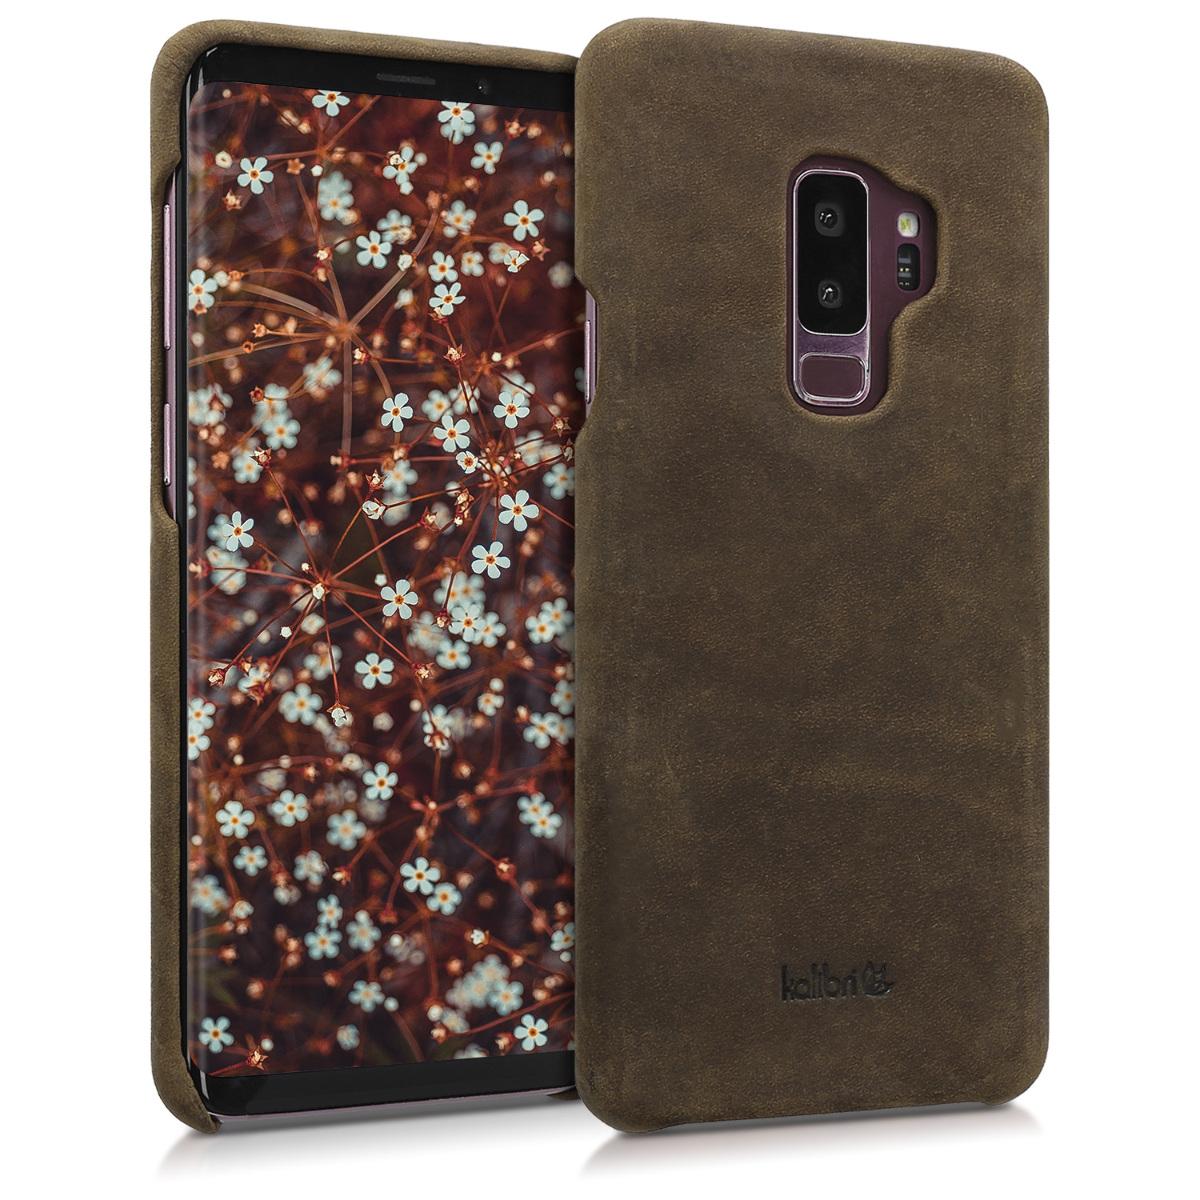 Kalibri Σκληρή Δερμάτινη Θήκη Samsung Galaxy S9 Plus - Brown (44935.05)